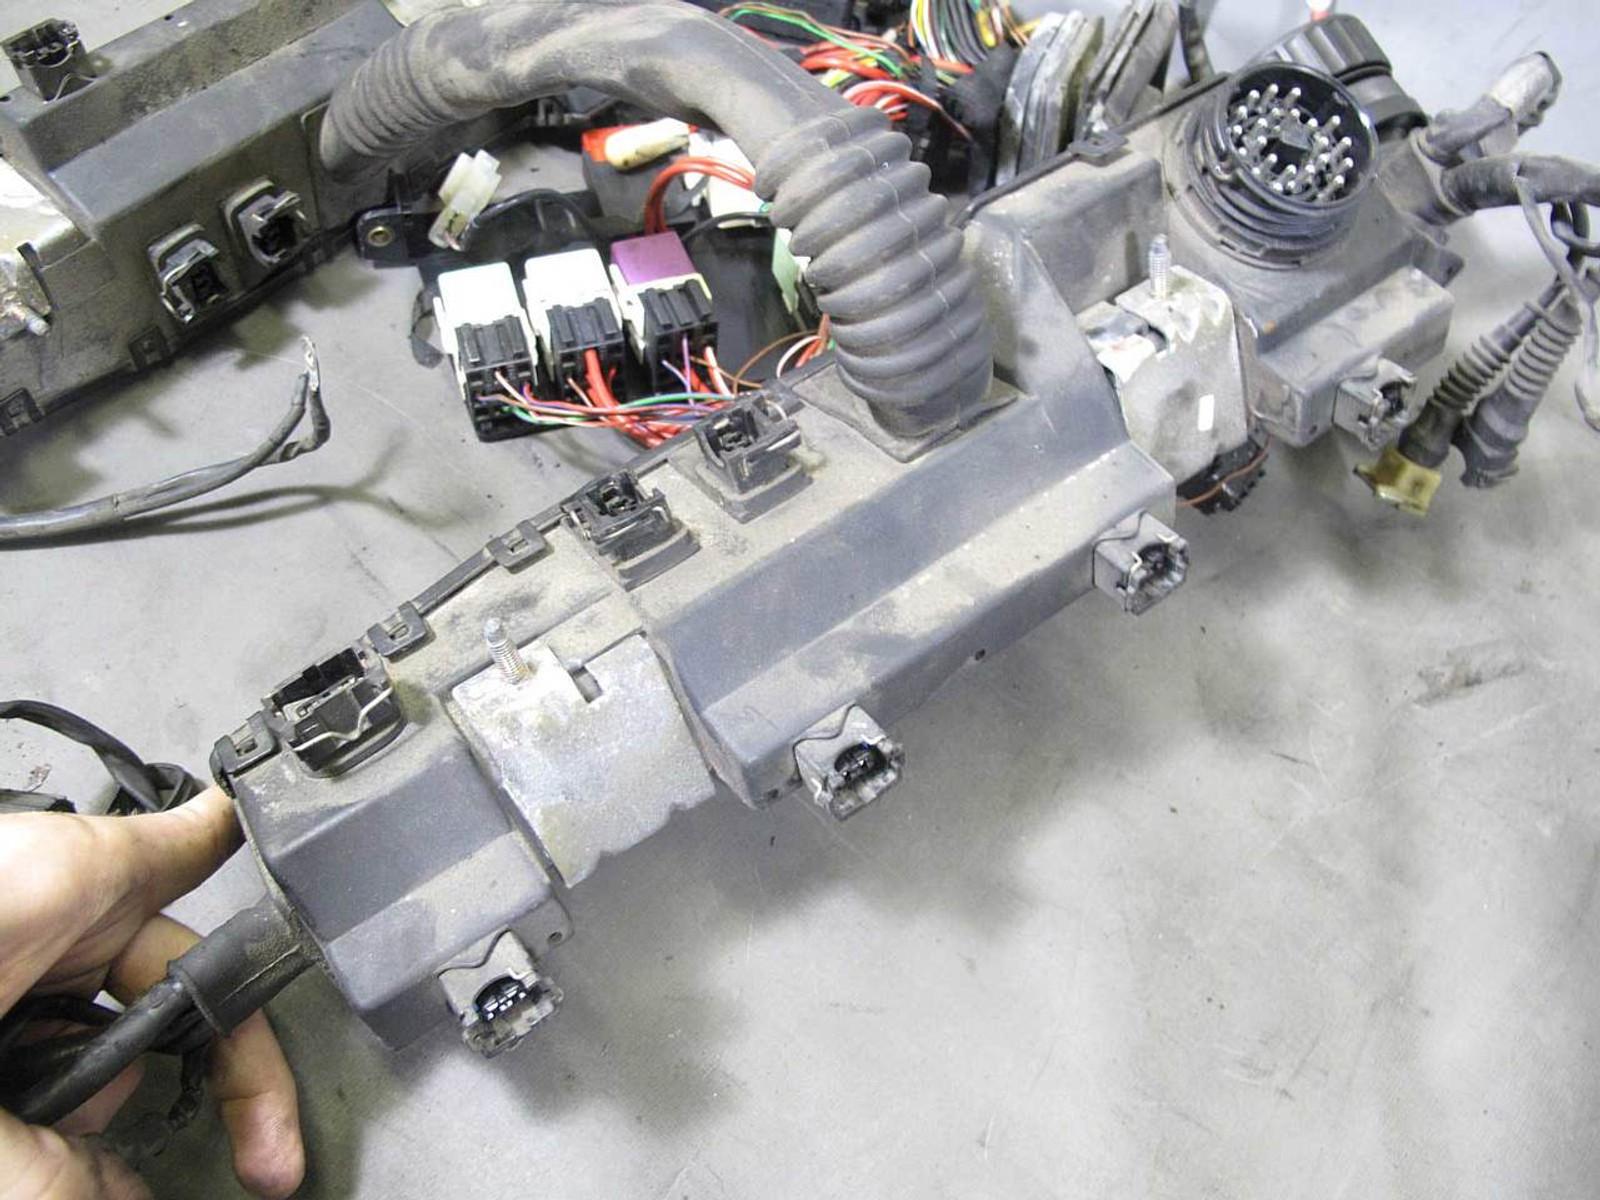 1994-1995 BMW E34 530i 540i M60 V8 Engine Wiring Harness for Manual  Transmission - 16051 - Prussian MotorsPrussian Motors